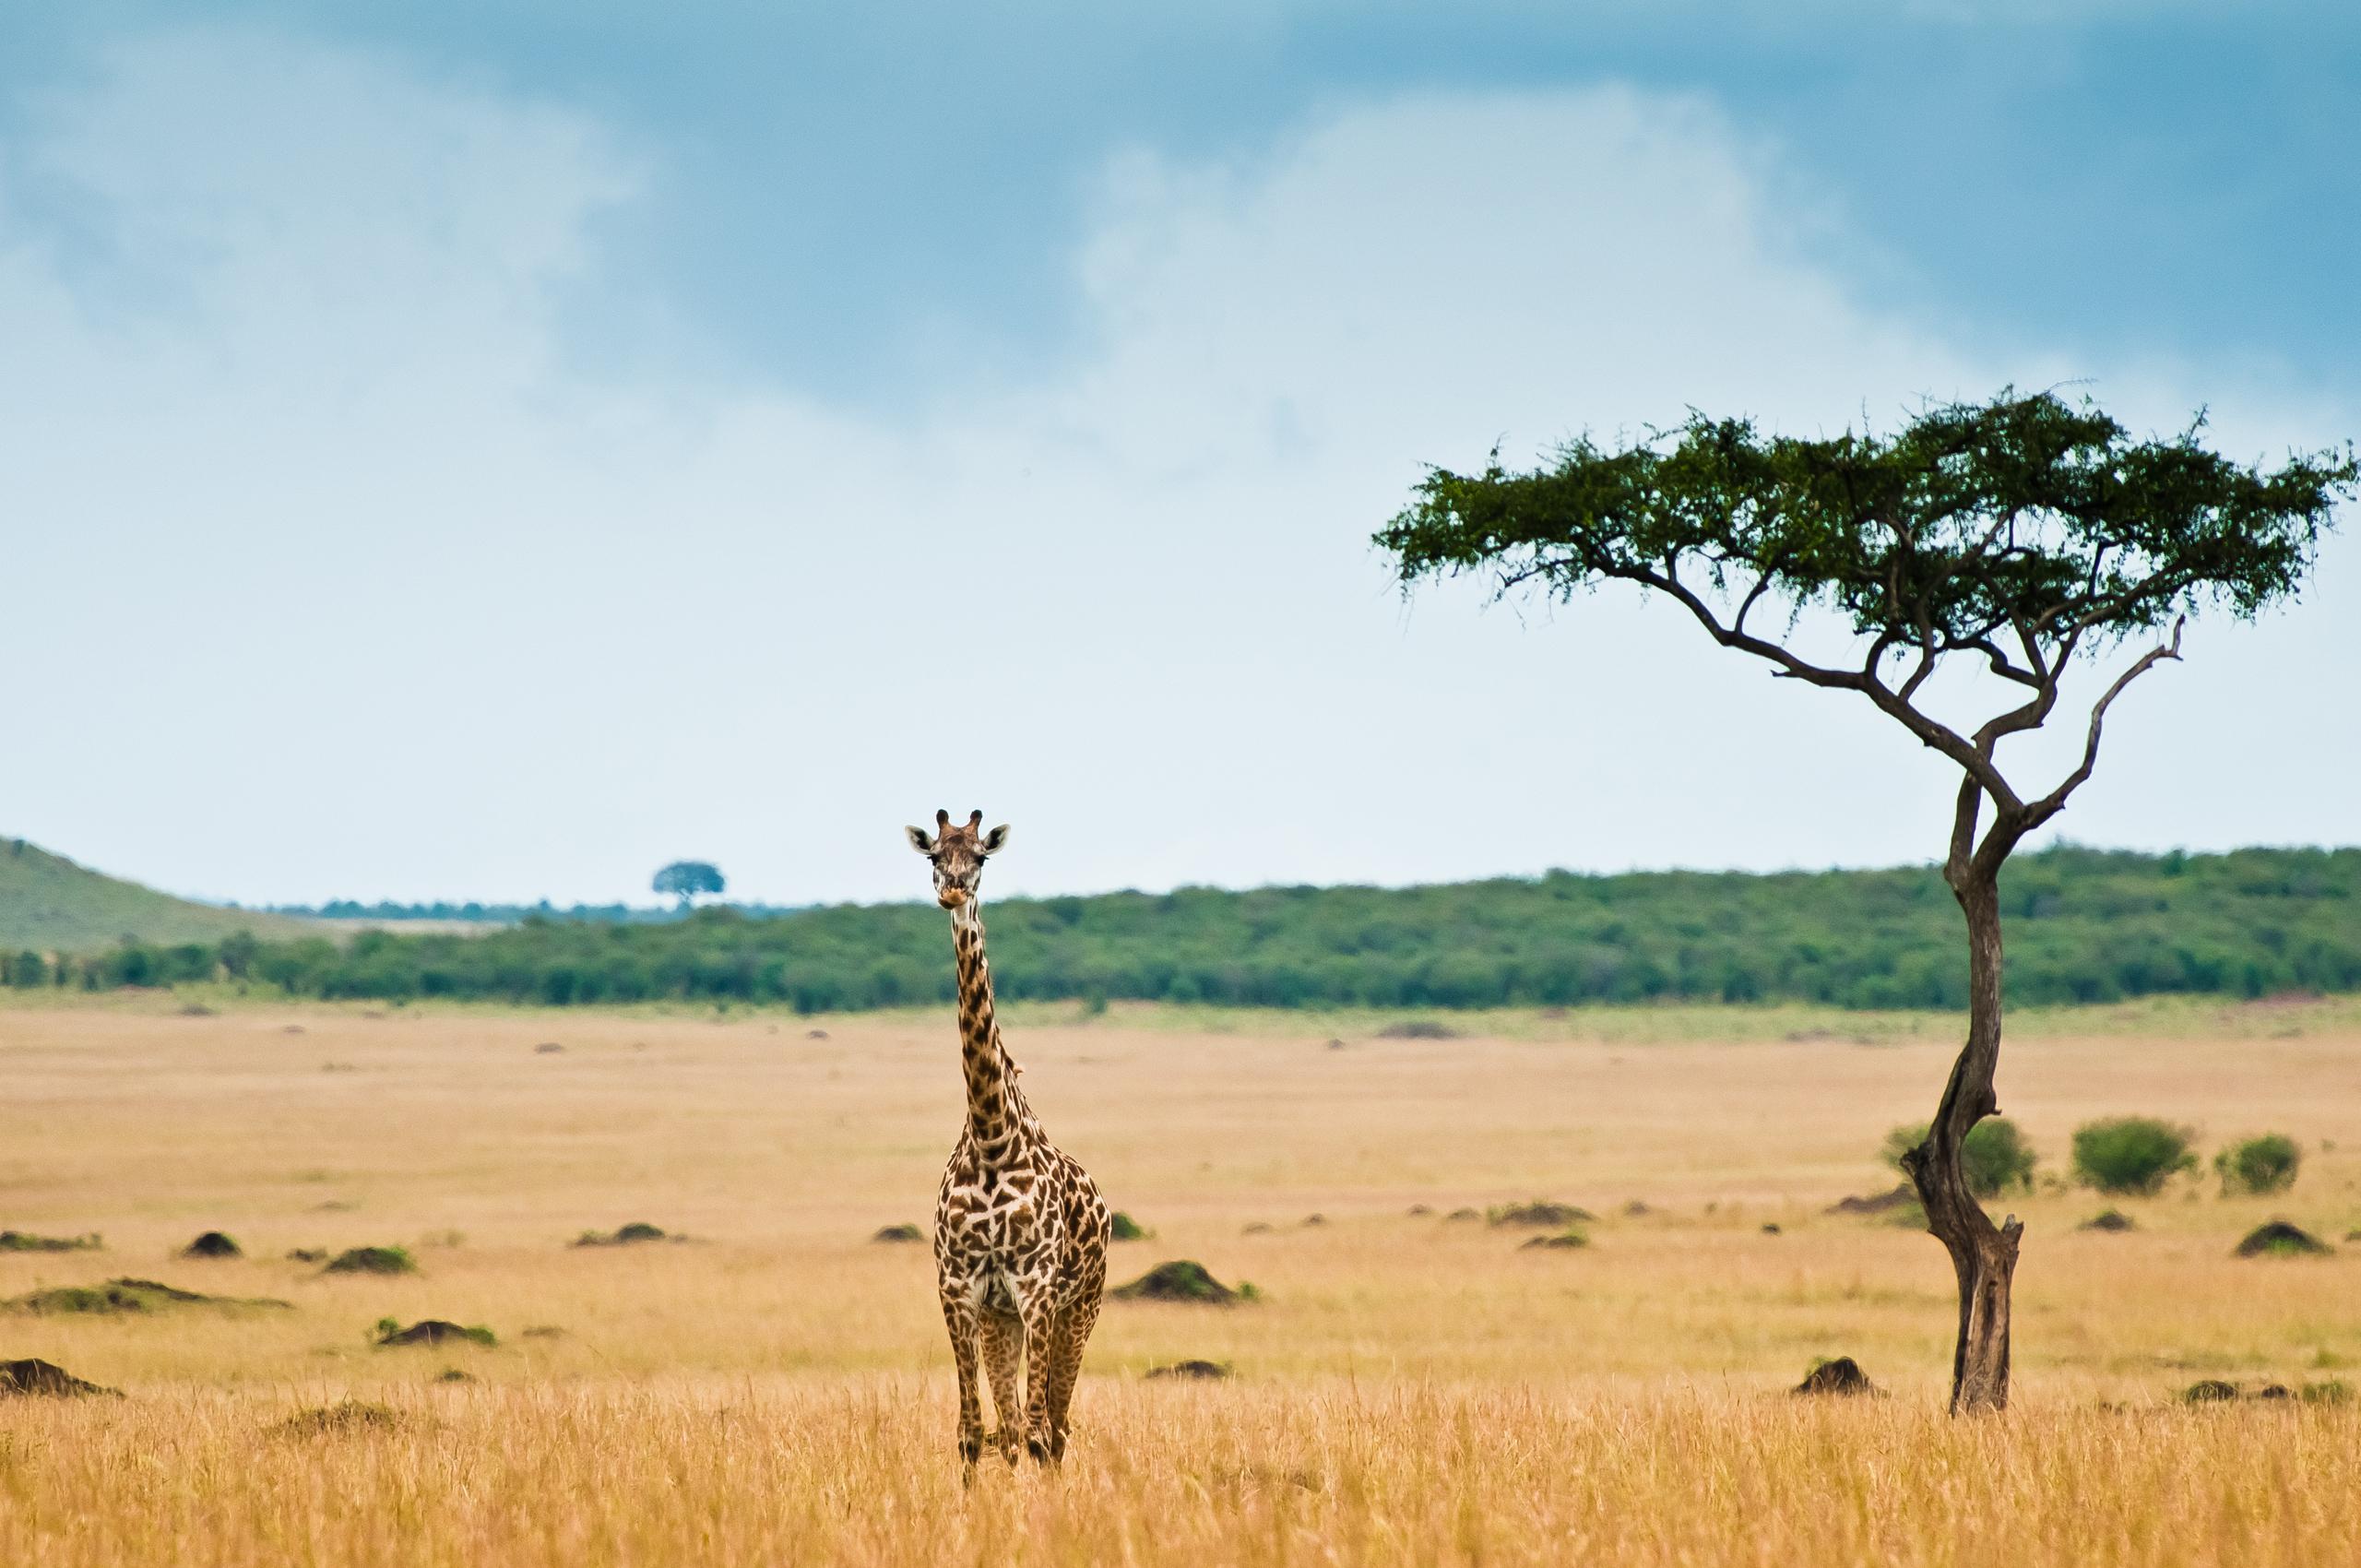 природа животные Гепарды камни трава дерево горизонт  № 276700 загрузить